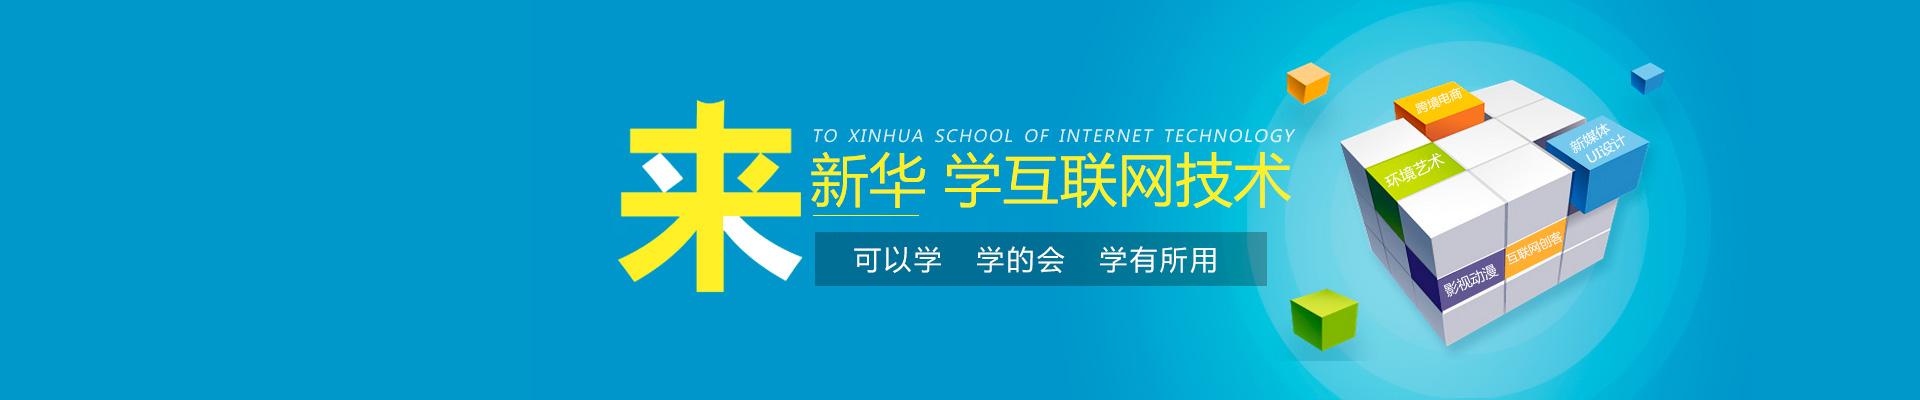 学互联网+